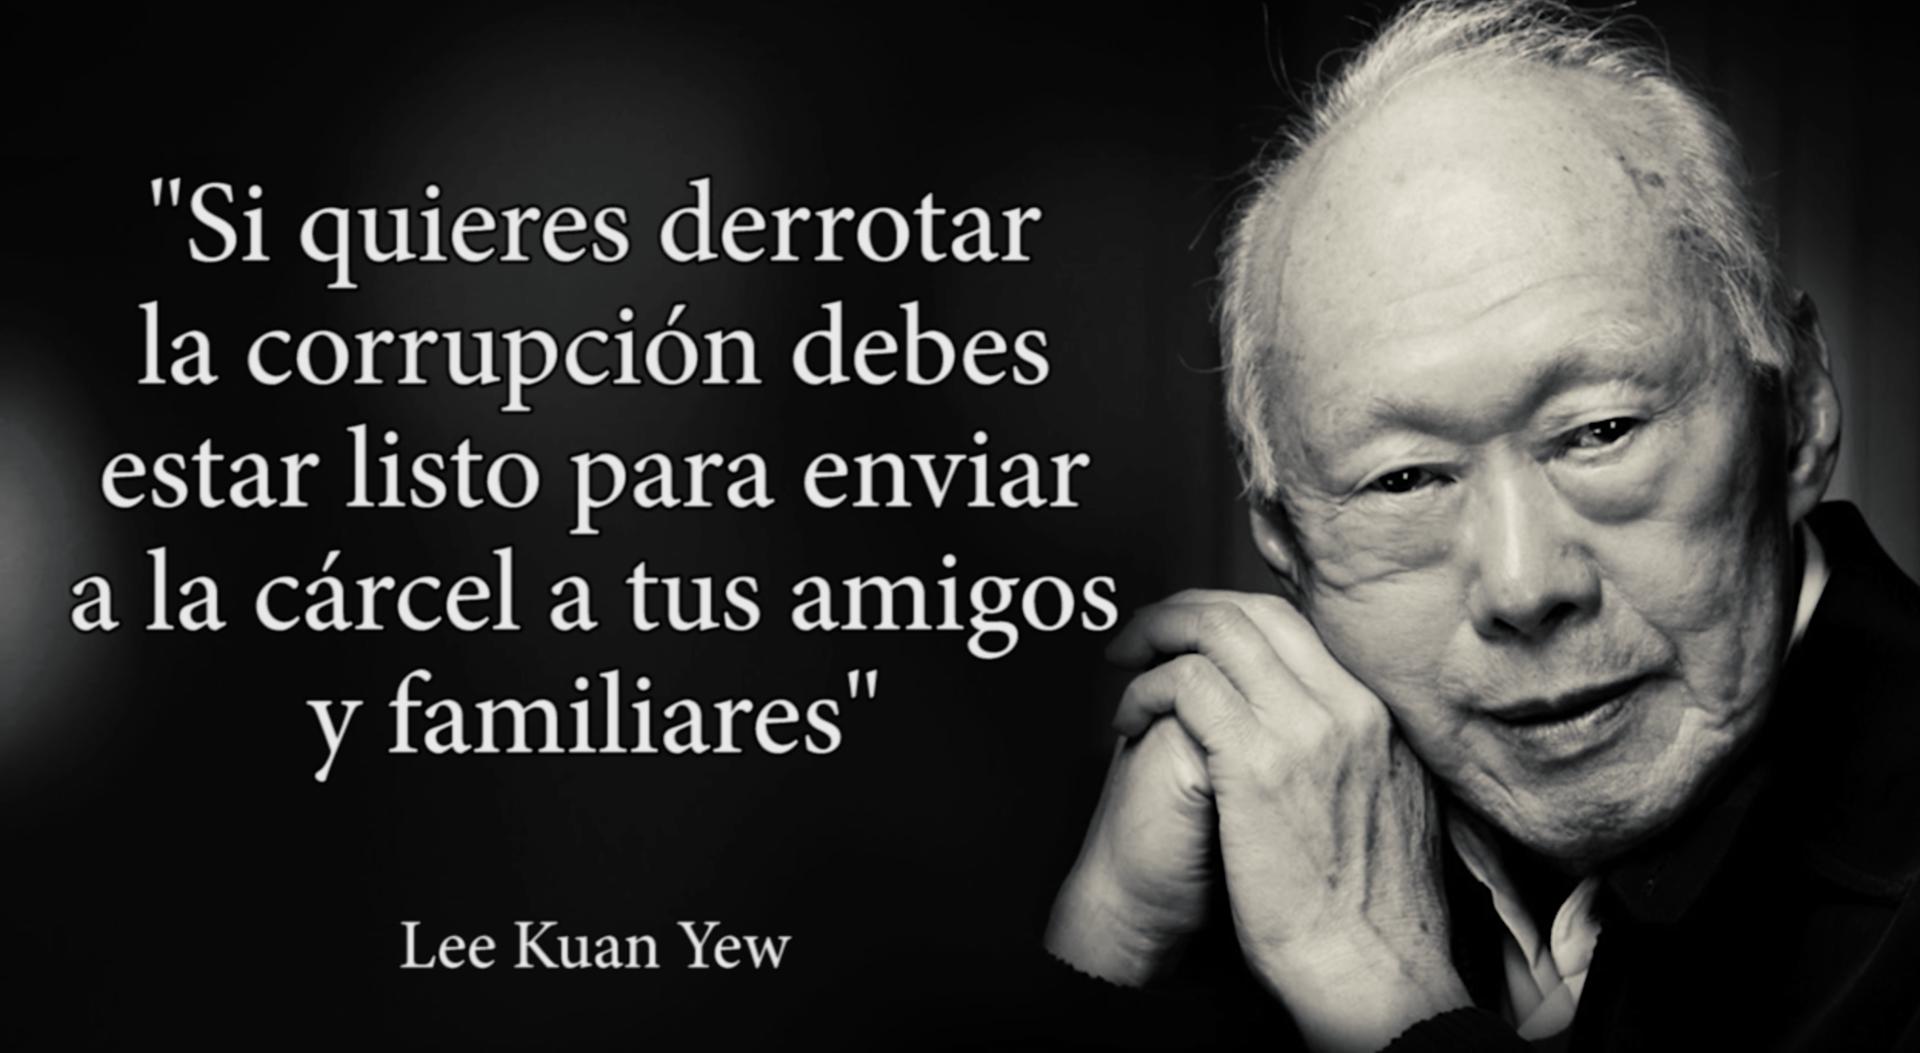 Si quieres derrotar la corrupcion... Frase por Lee Kuan Yew